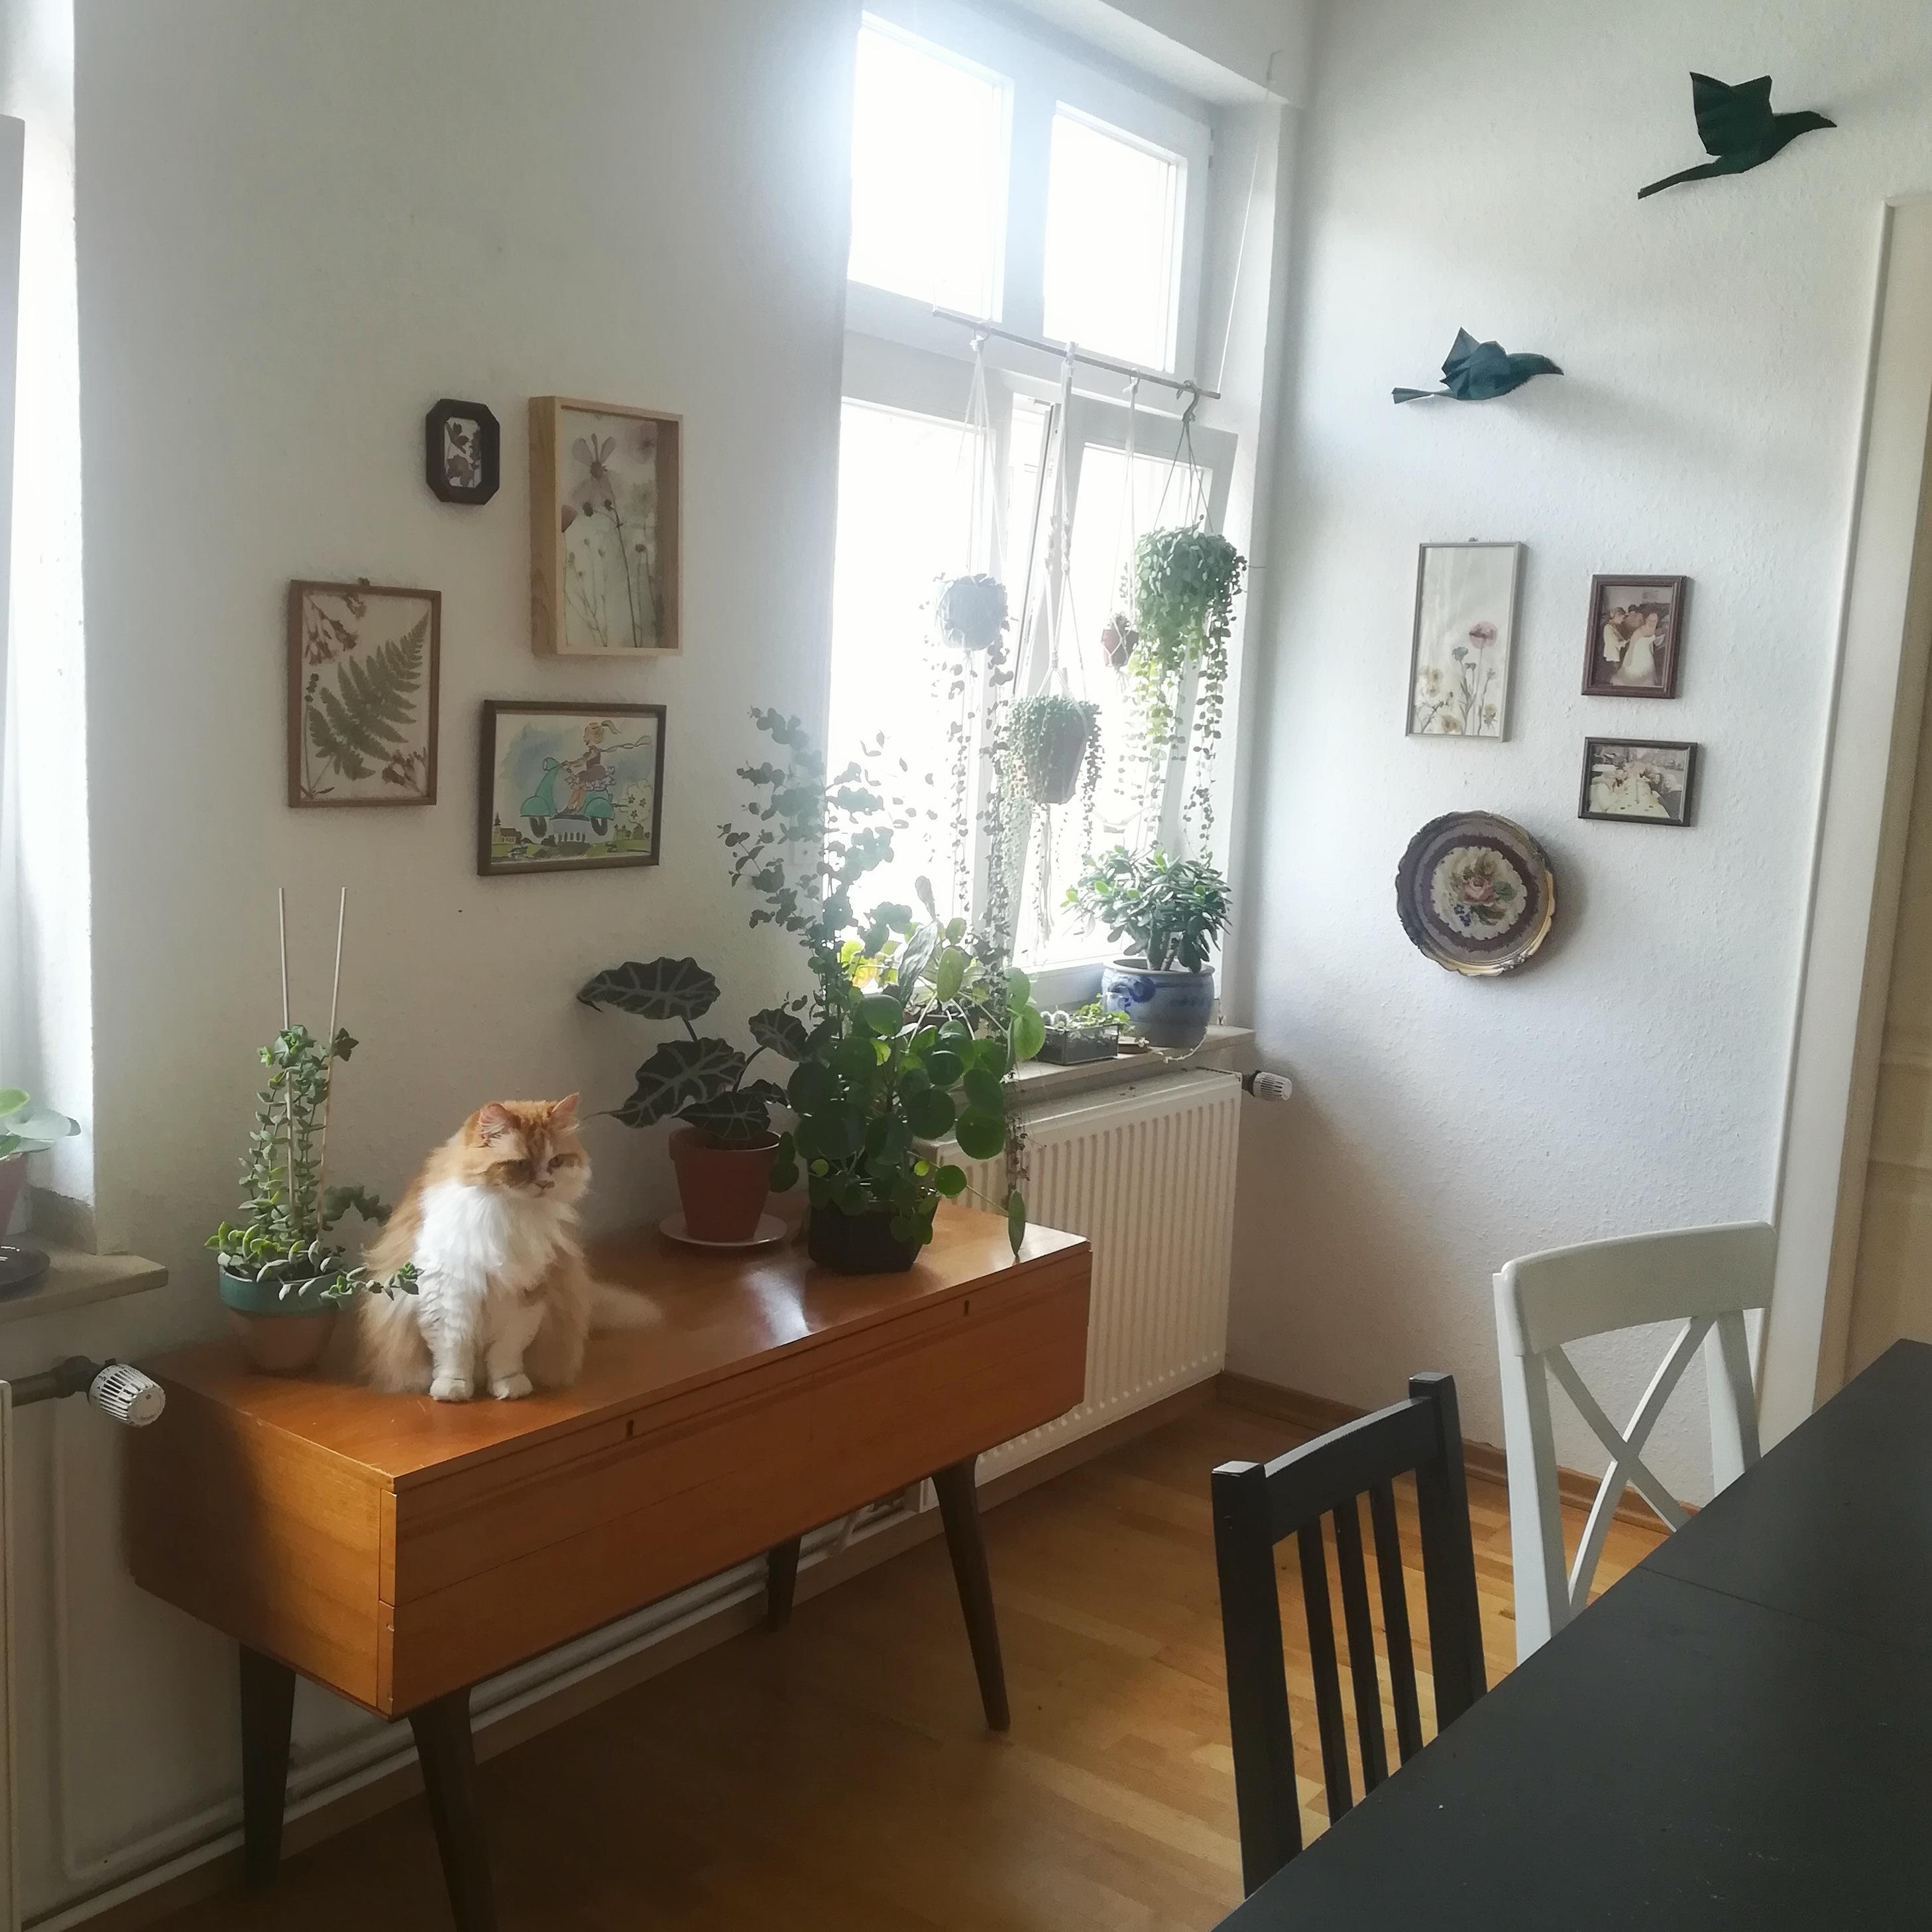 Alter Schrank Wohnzimmer Schöner Alter Schrank Aus Den 60er Jahren ...